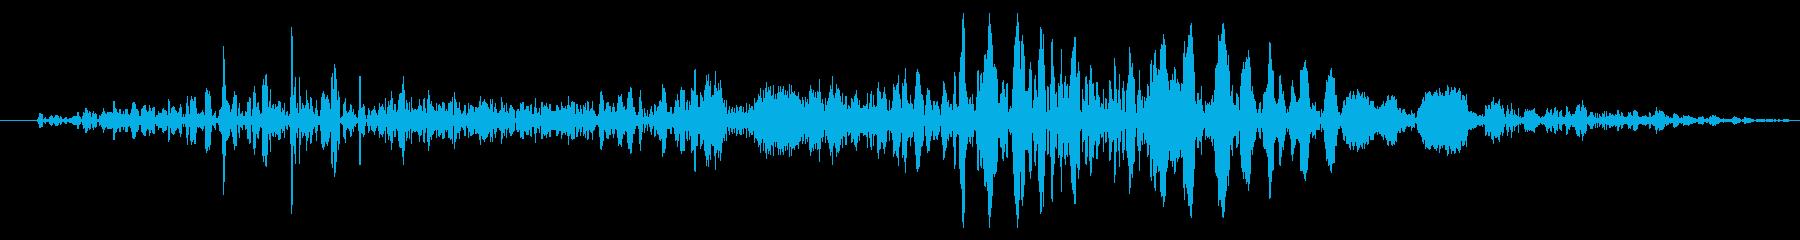 フライング ドラゴン キャラタップ 困惑の再生済みの波形